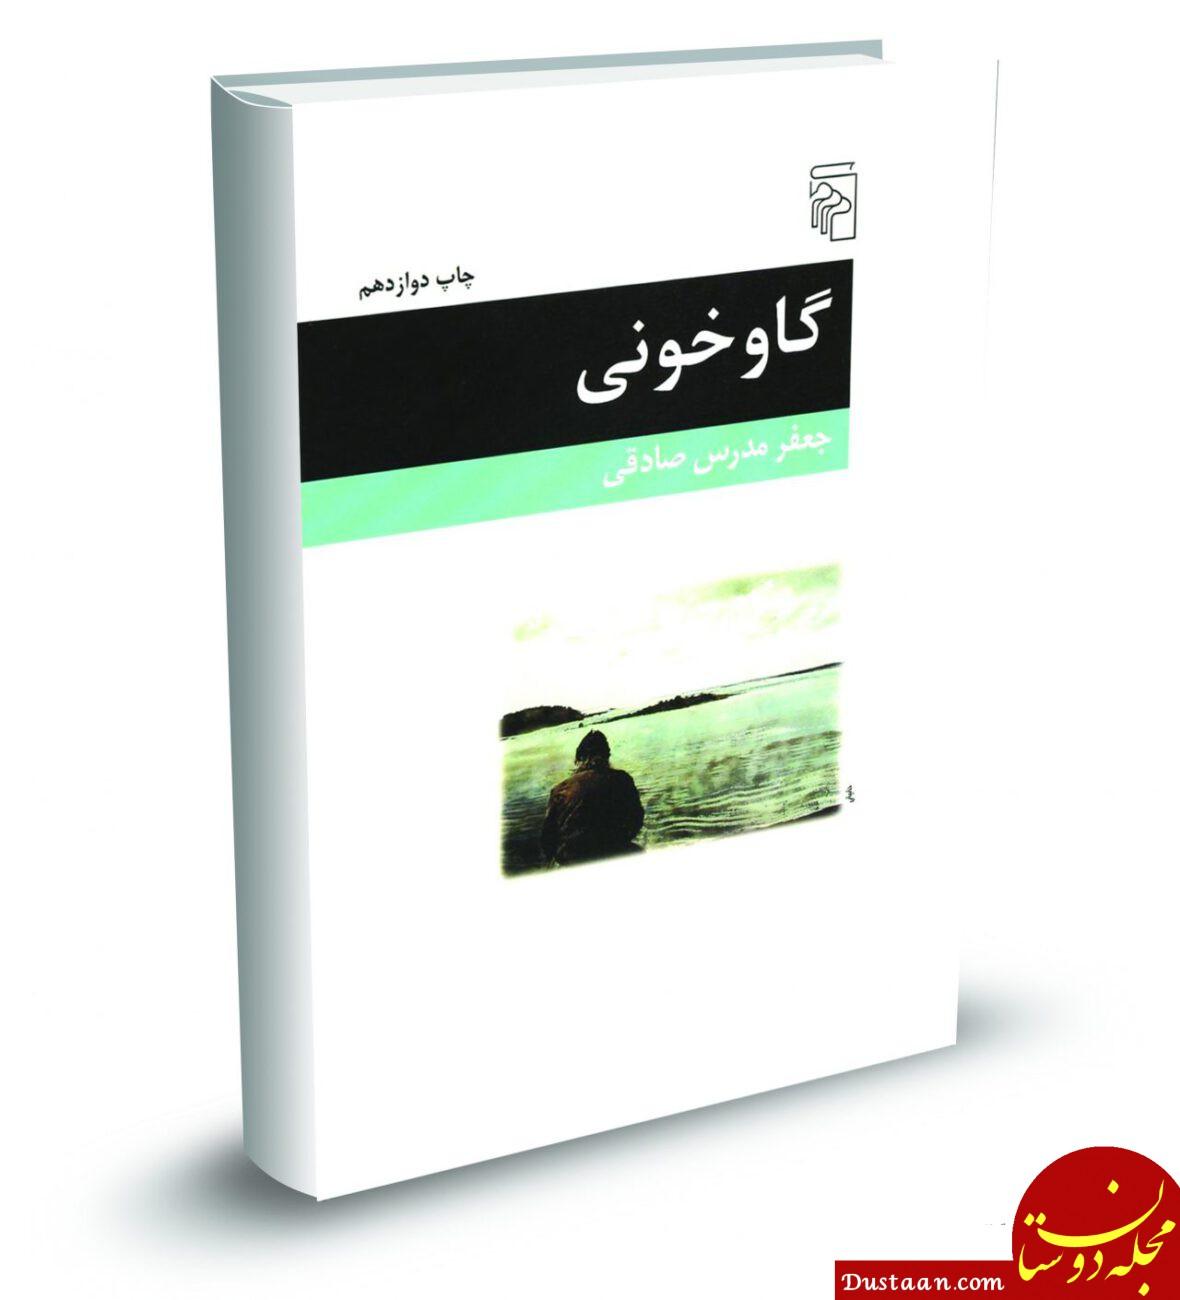 گاو خونی جعفر مدرس صادقی، به روایت احمد غلامی و علی خدایی